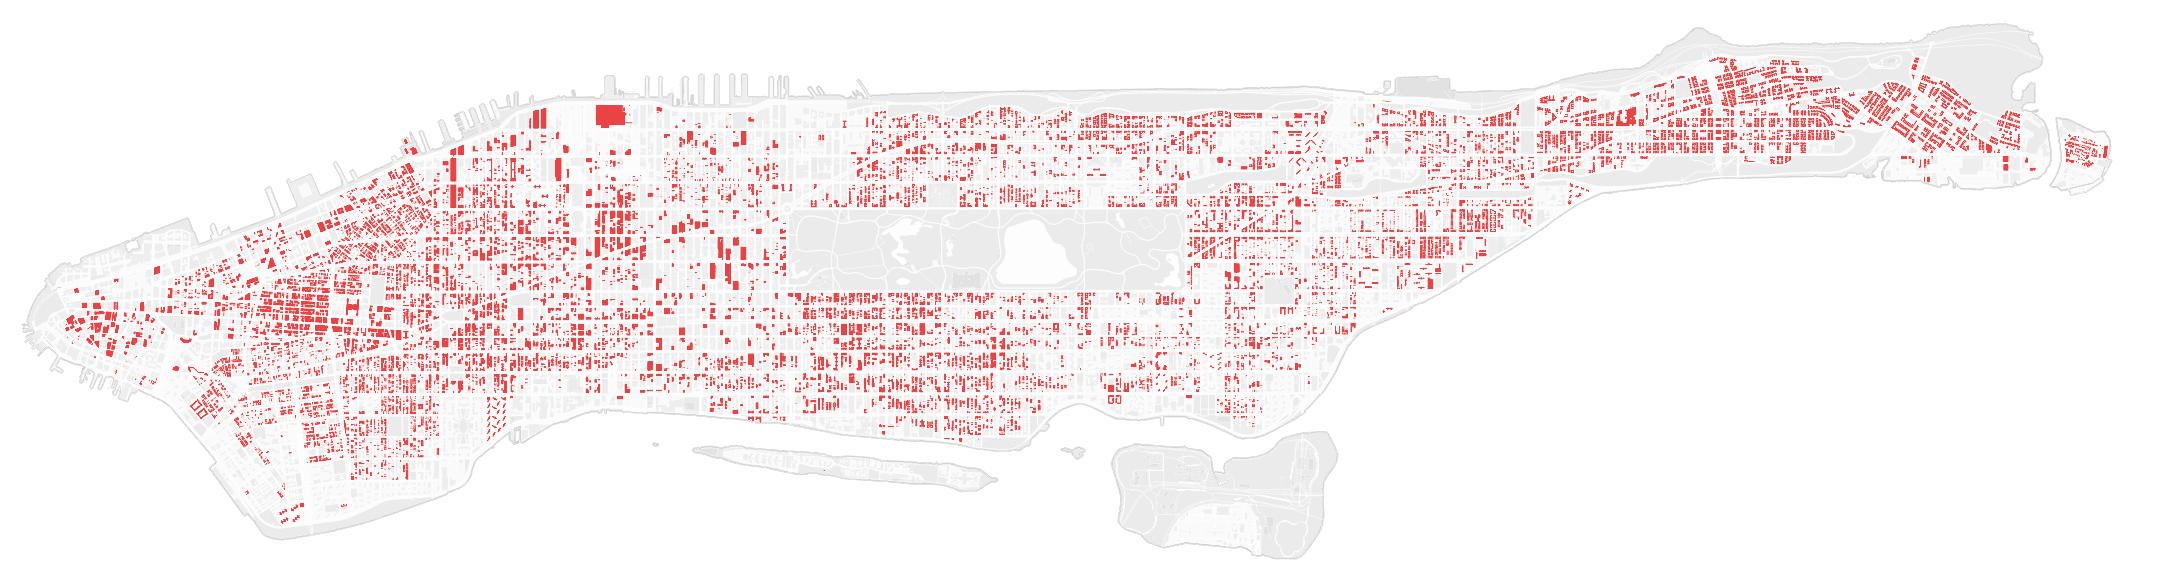 Все эти здания не соответствуют строительному коду города Нью-Йорка